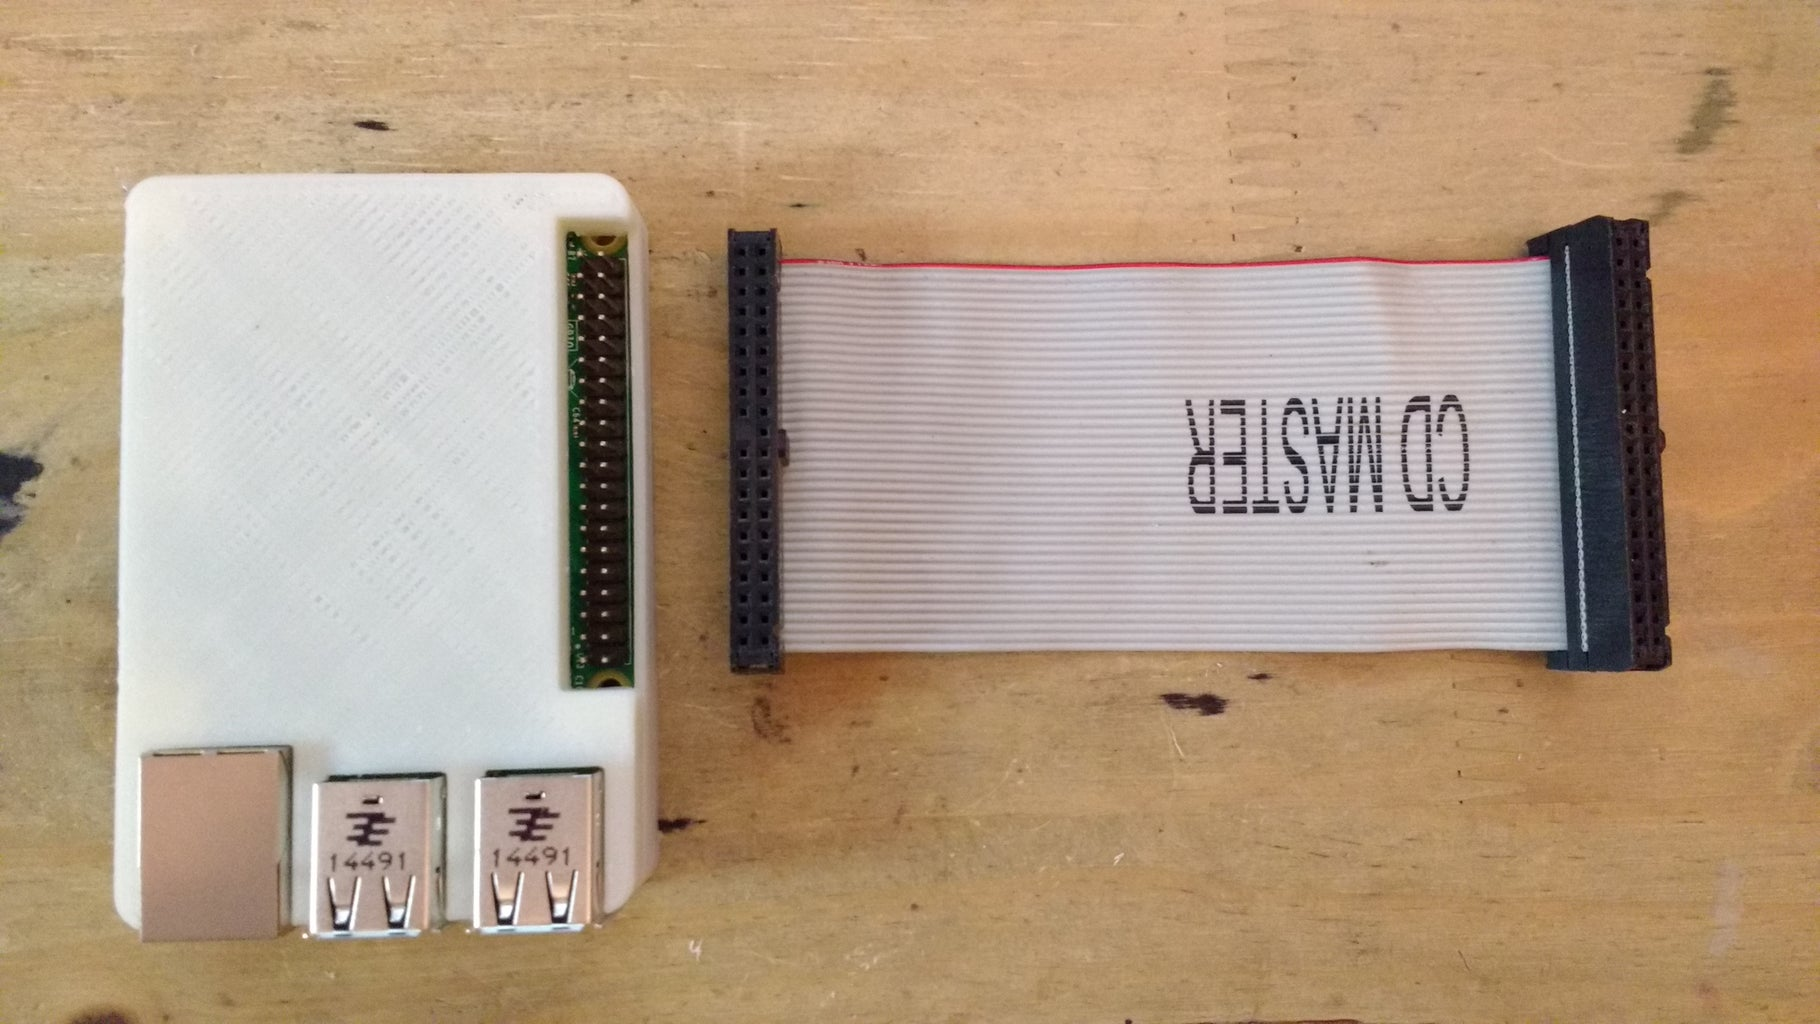 Se Conecta El Cable Al Raspberry Pi